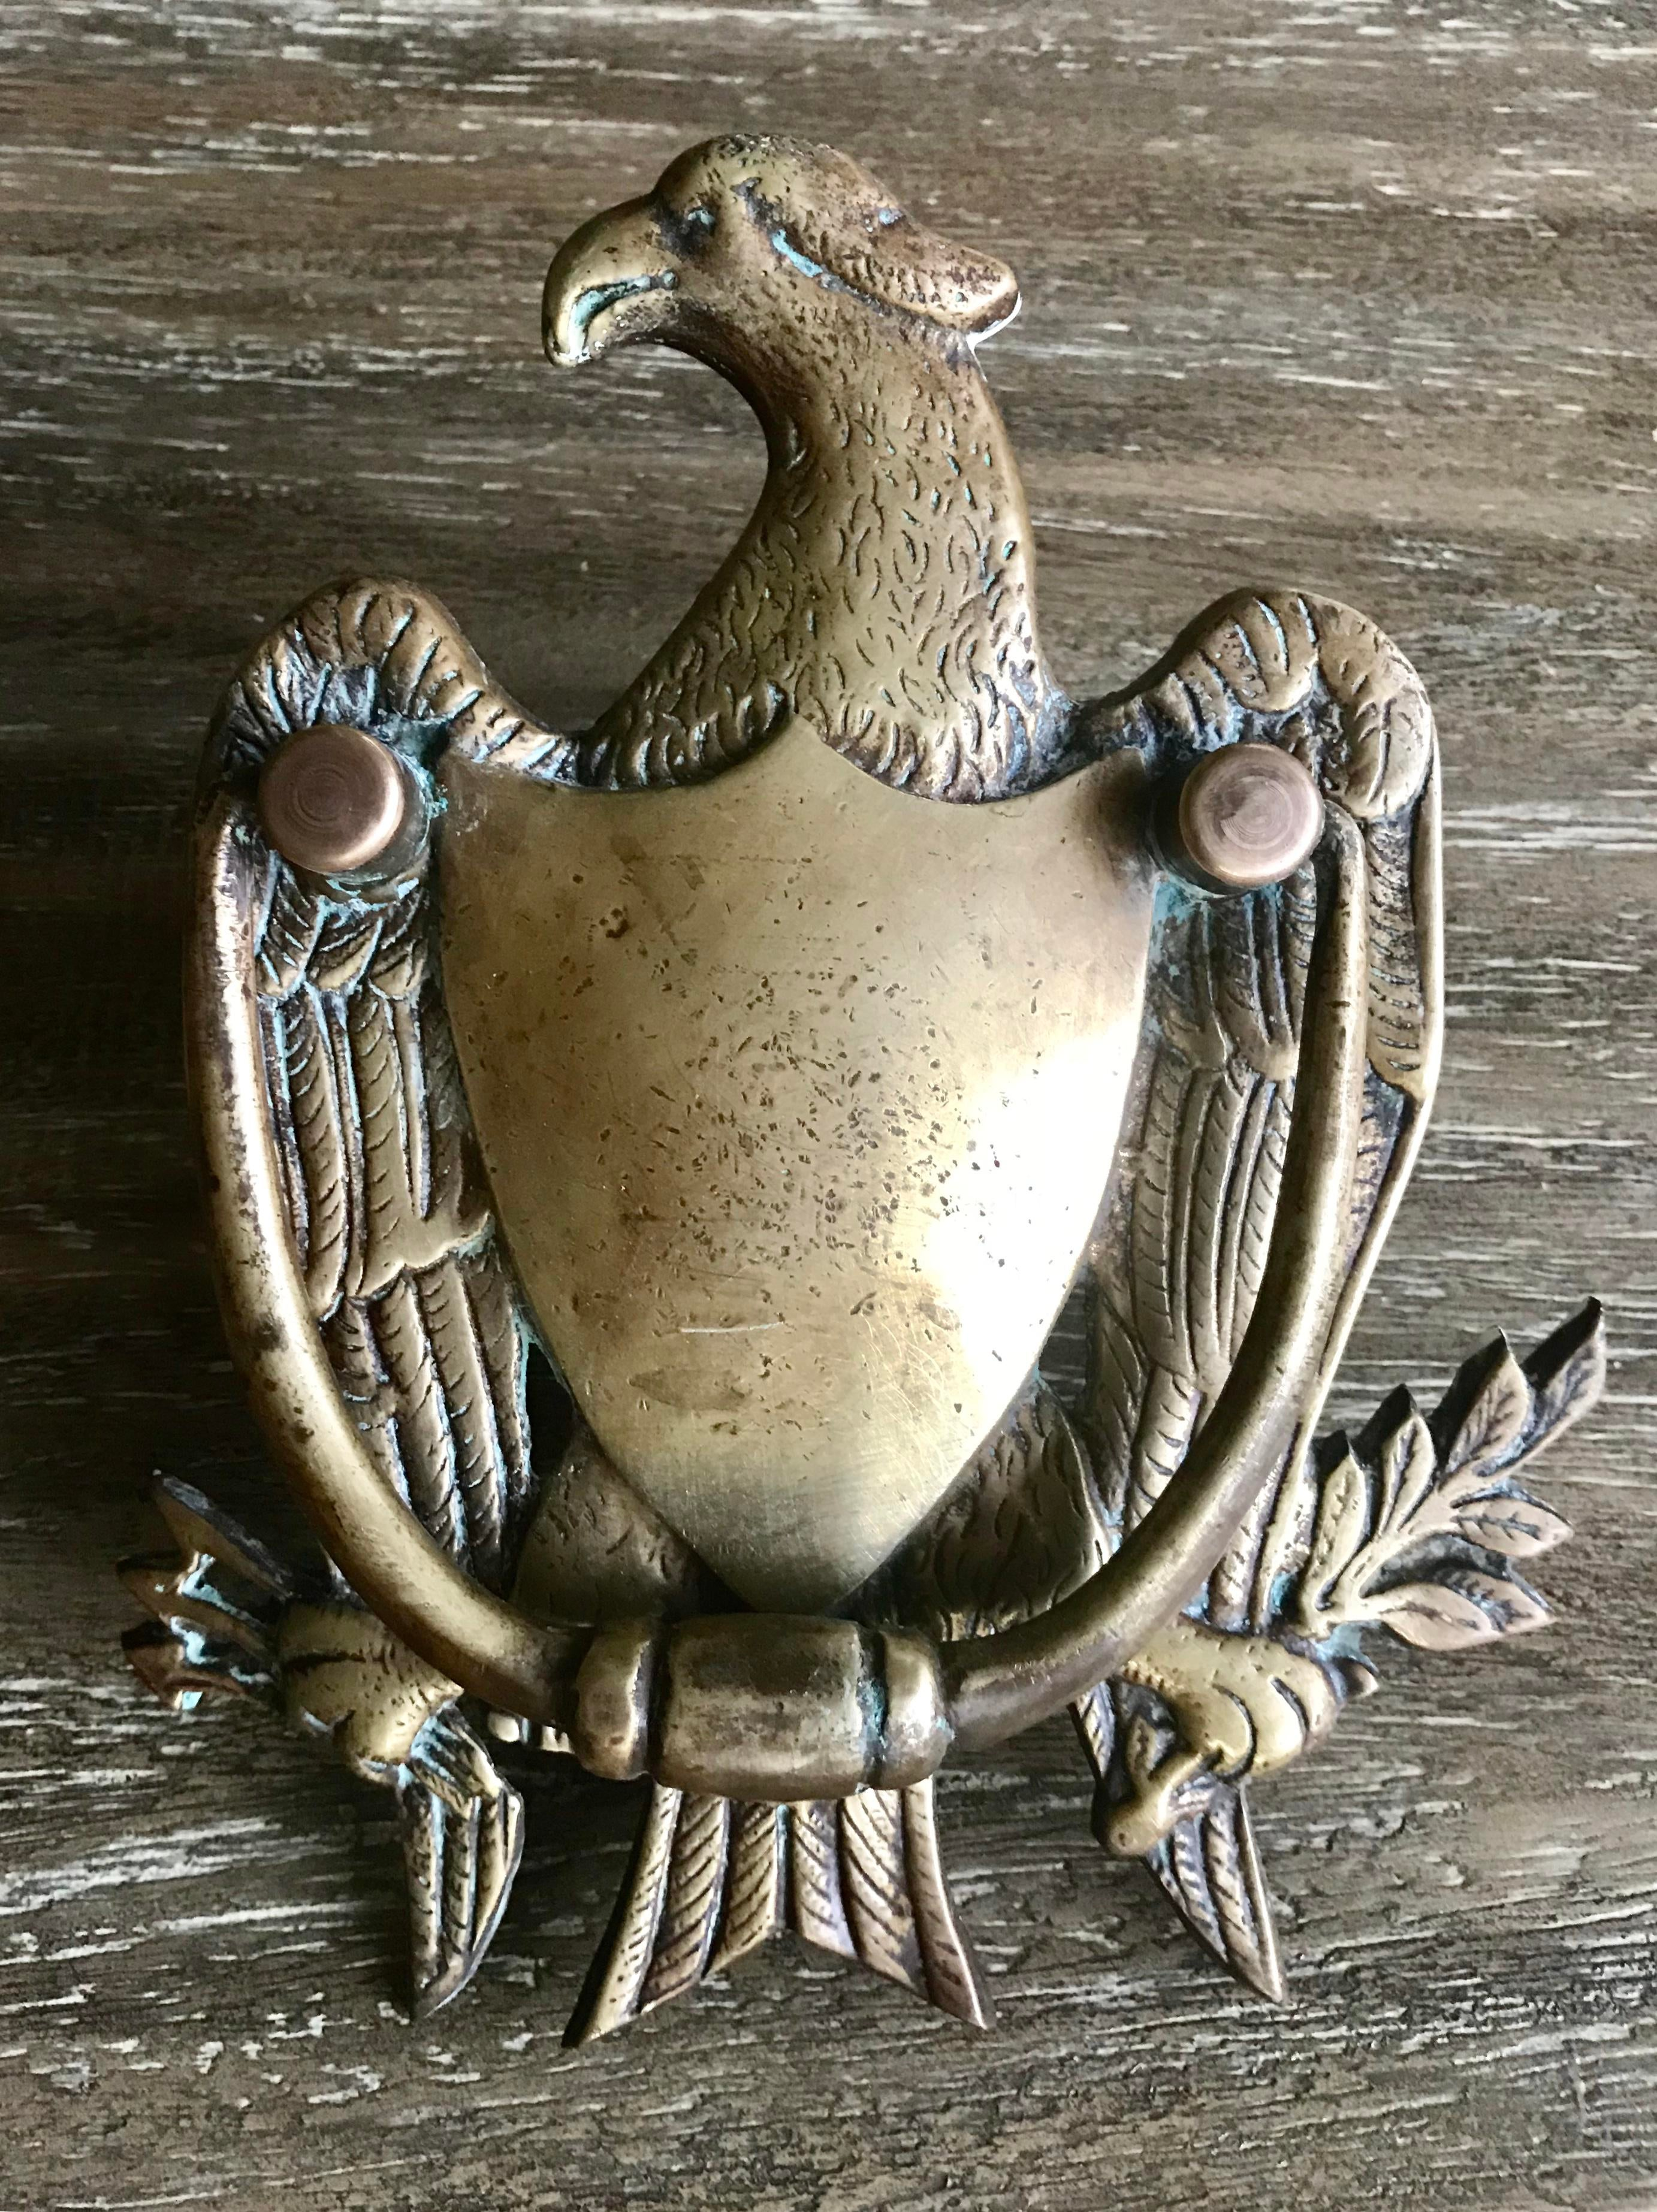 Brass Antique Brass Eagle And Crest Door Knocker U0026 Hardware For Sale    Image 7 Of